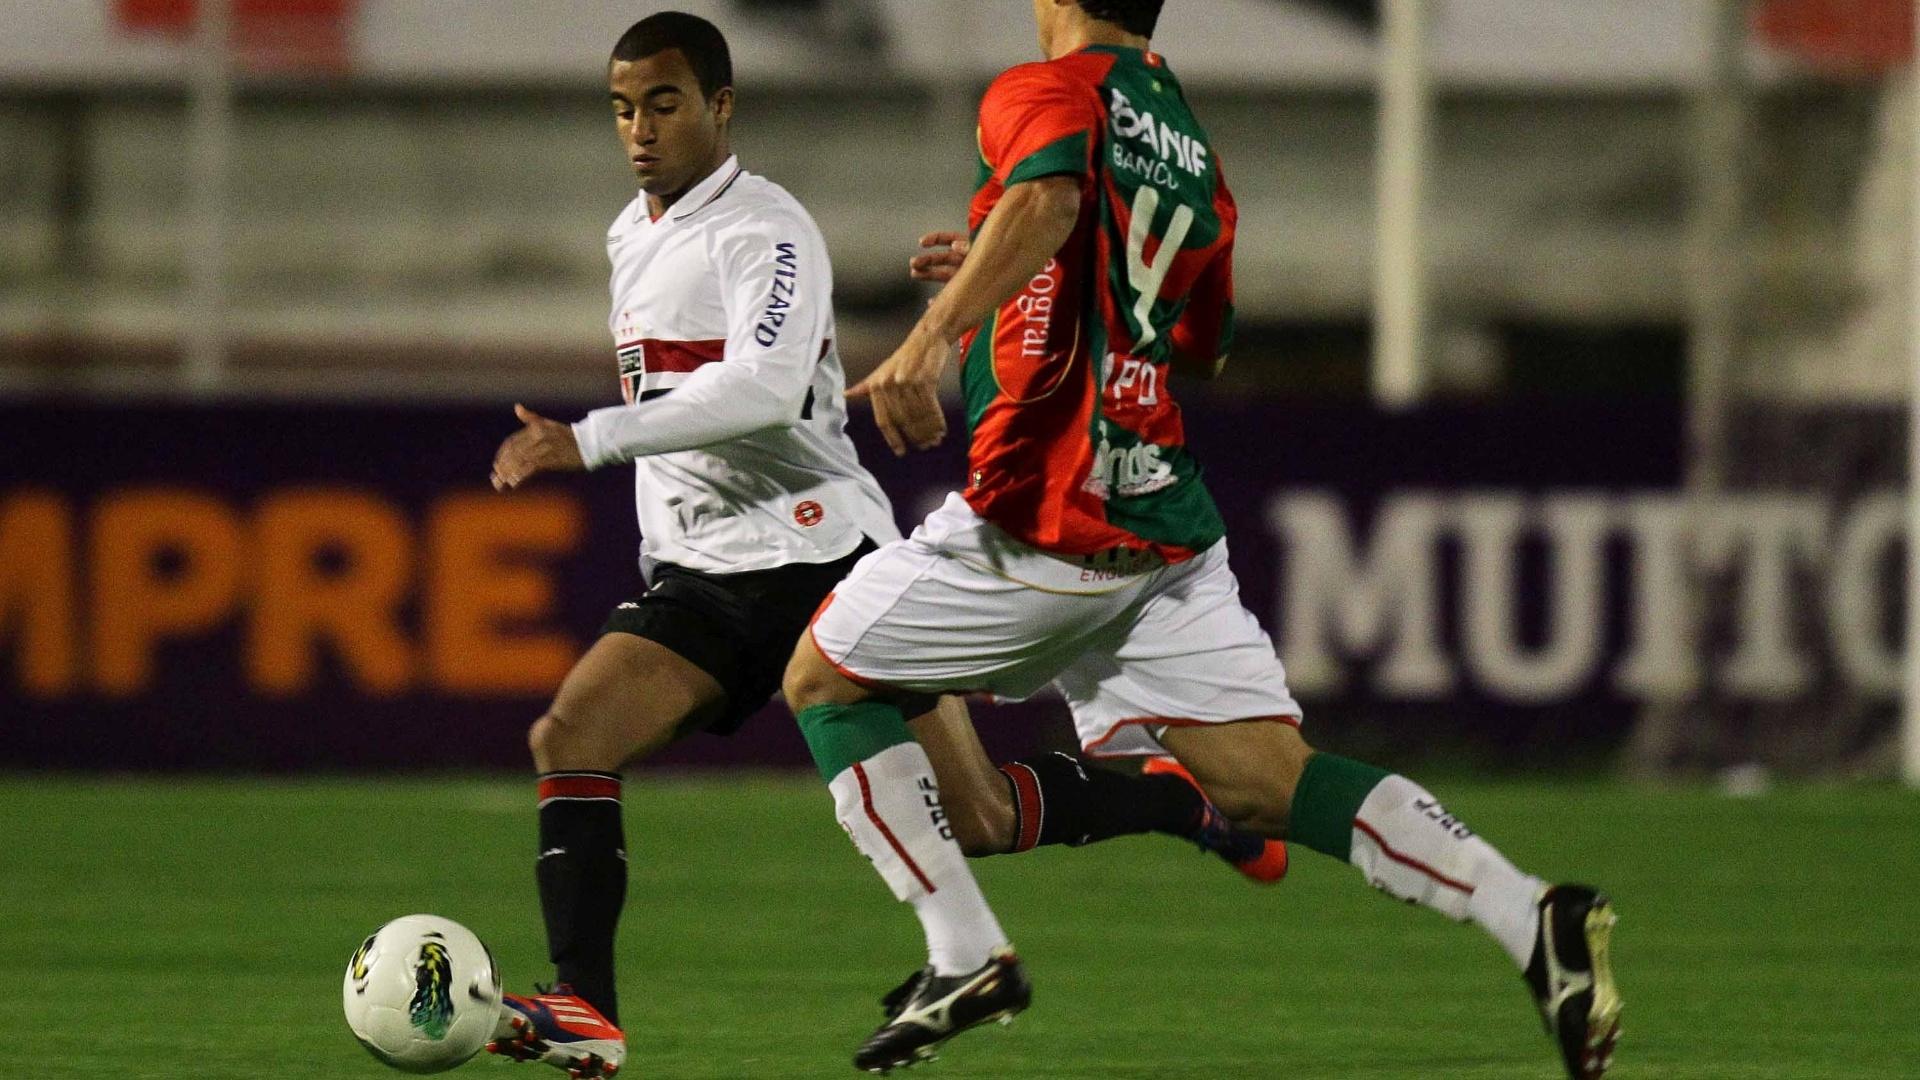 São-paulino Lucas comanda ataque na partida contra a Portuguesa